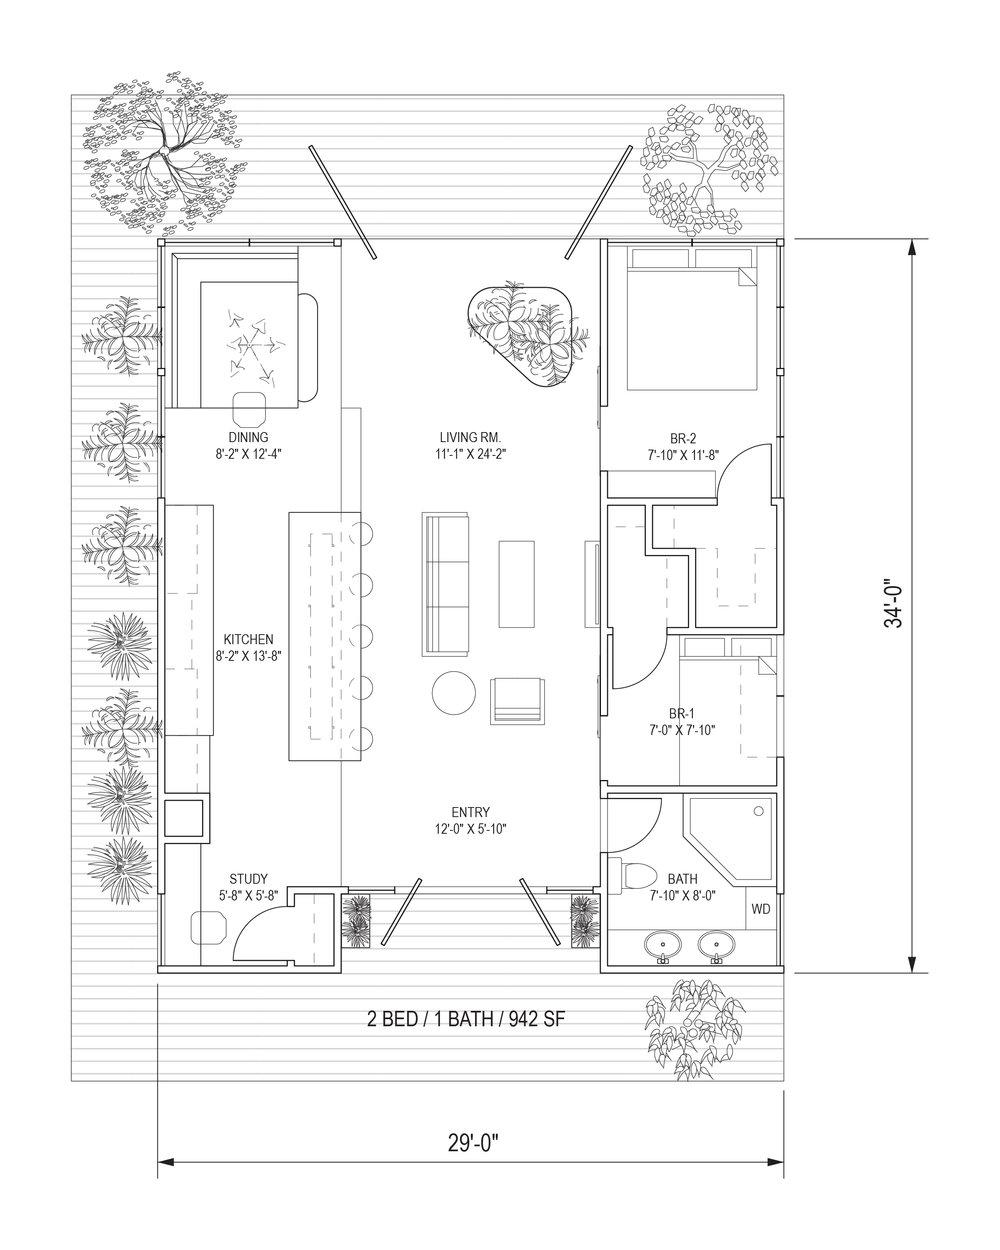 17-0528 BLOK 1E Floor Plan.jpg